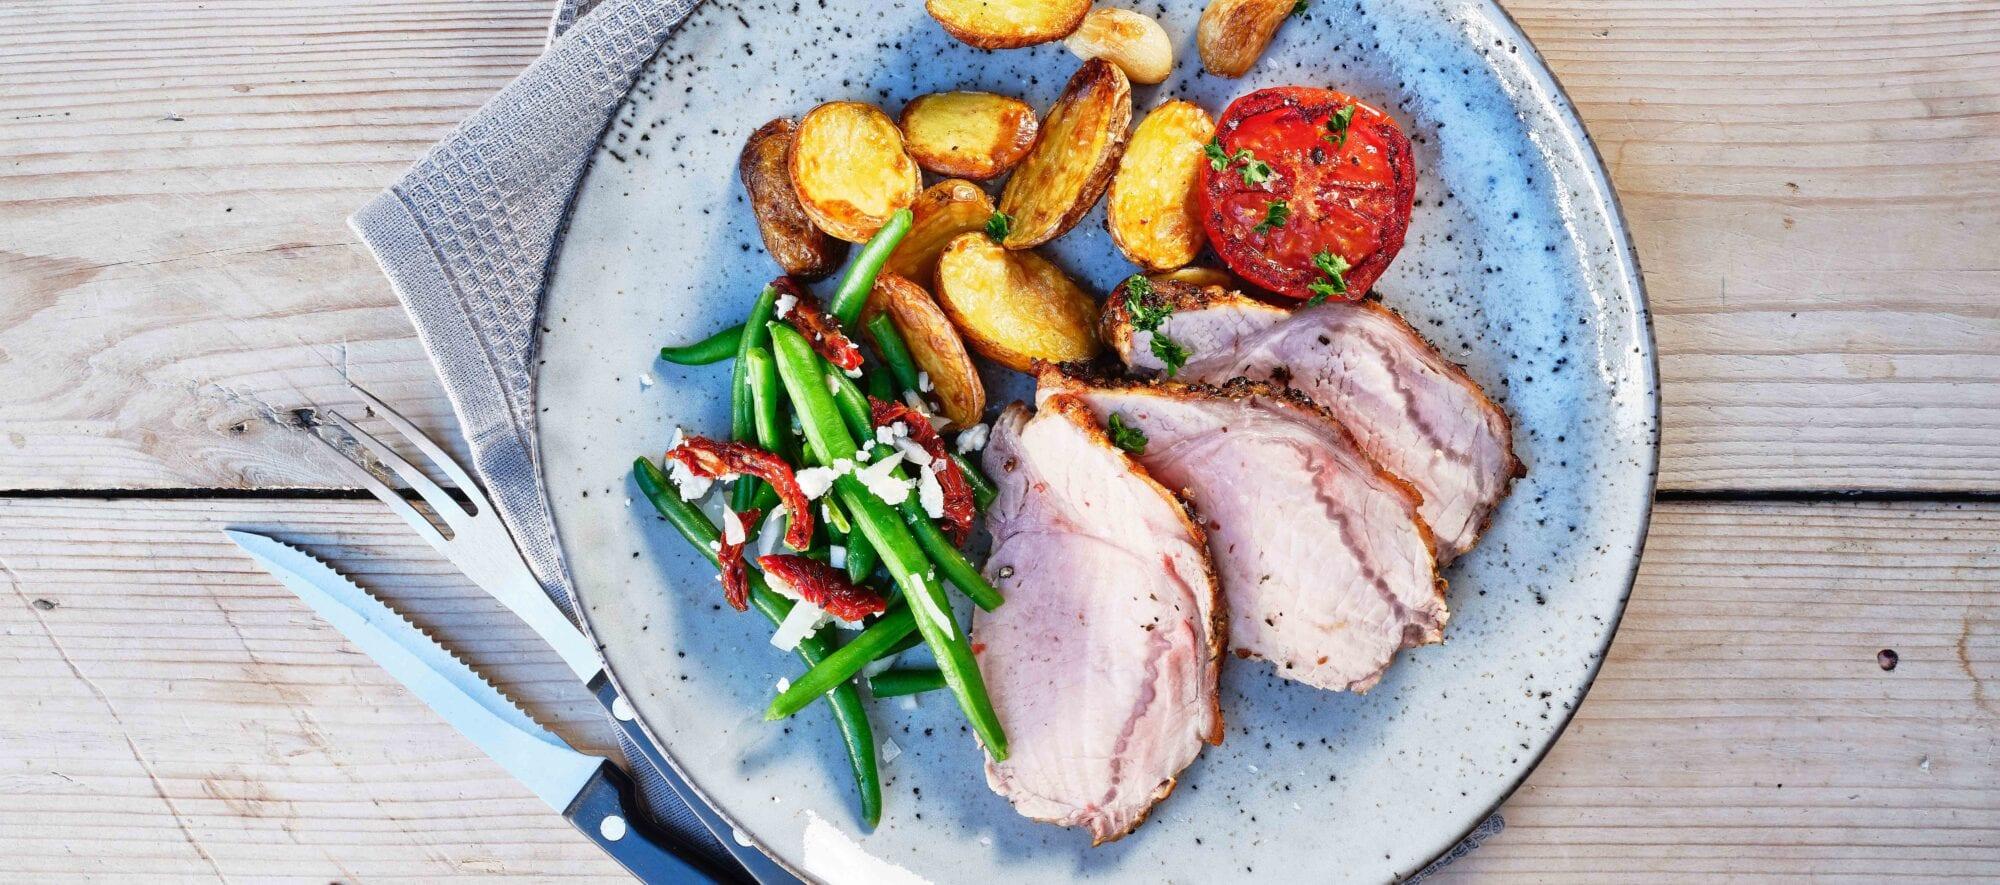 Nakkefillet med hasselback kartofler, grønnebønne og stegt tomat